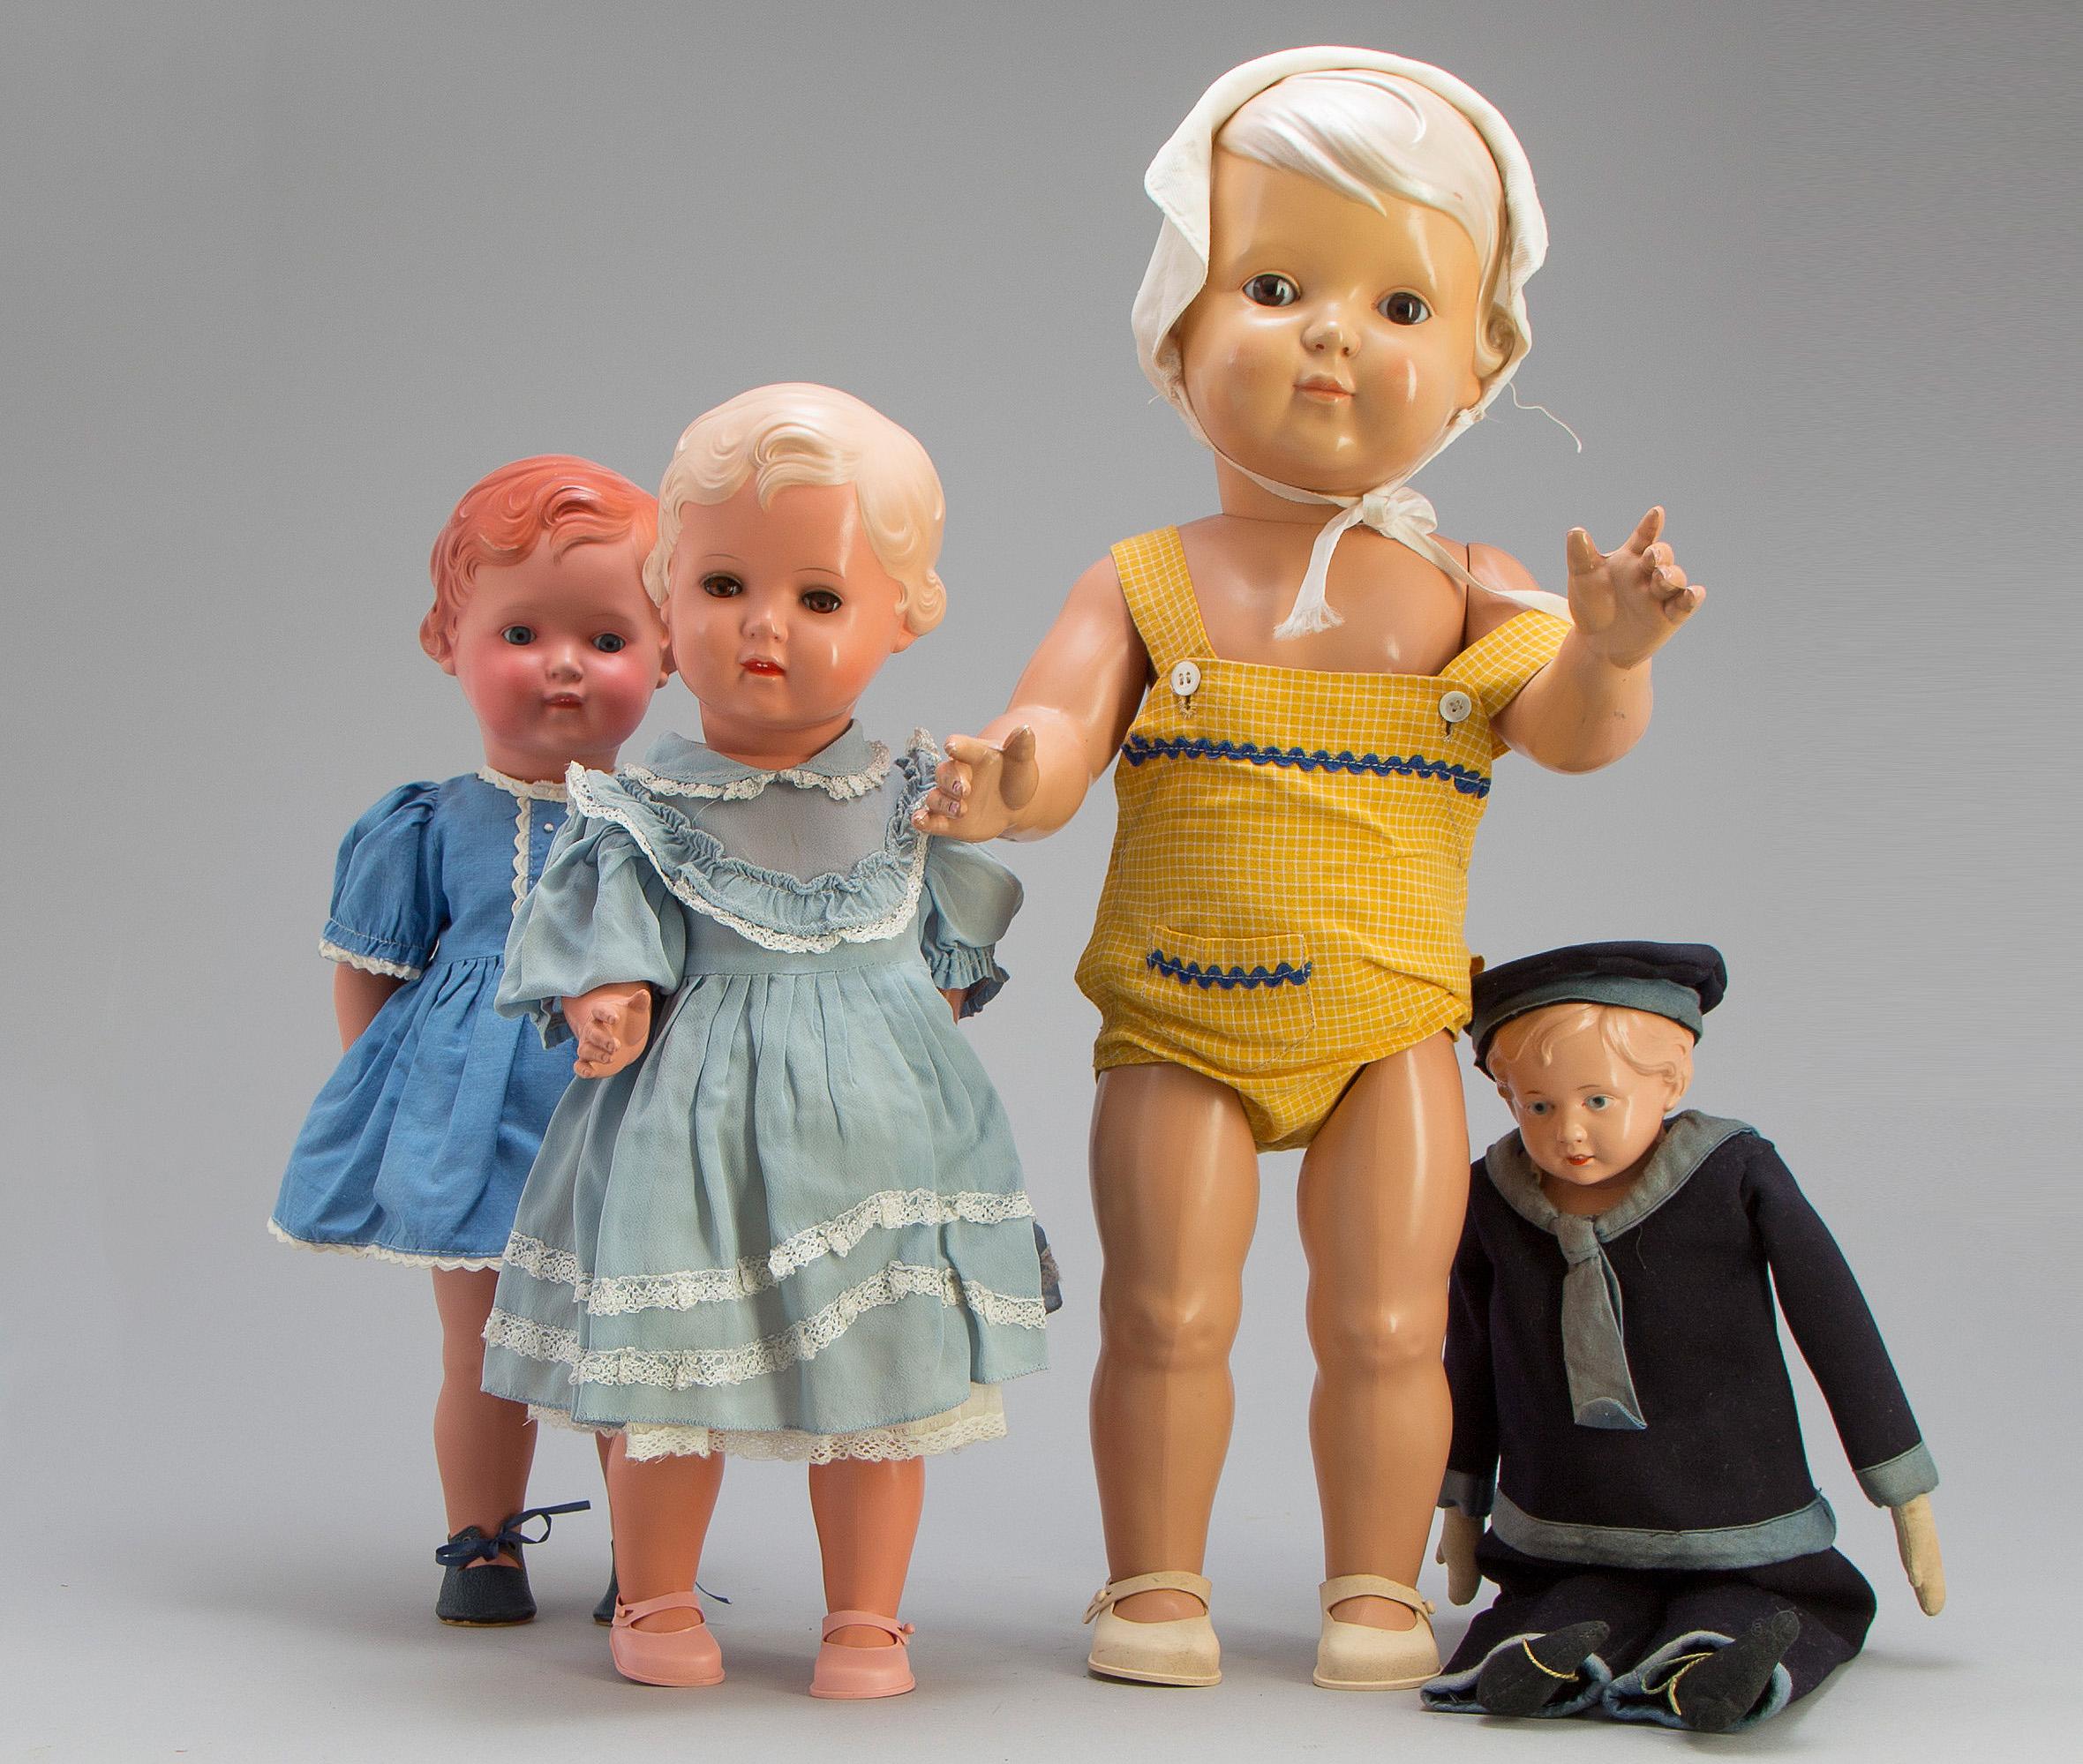 Schildkröt: La historia de la vida de una fábrica de muñecas